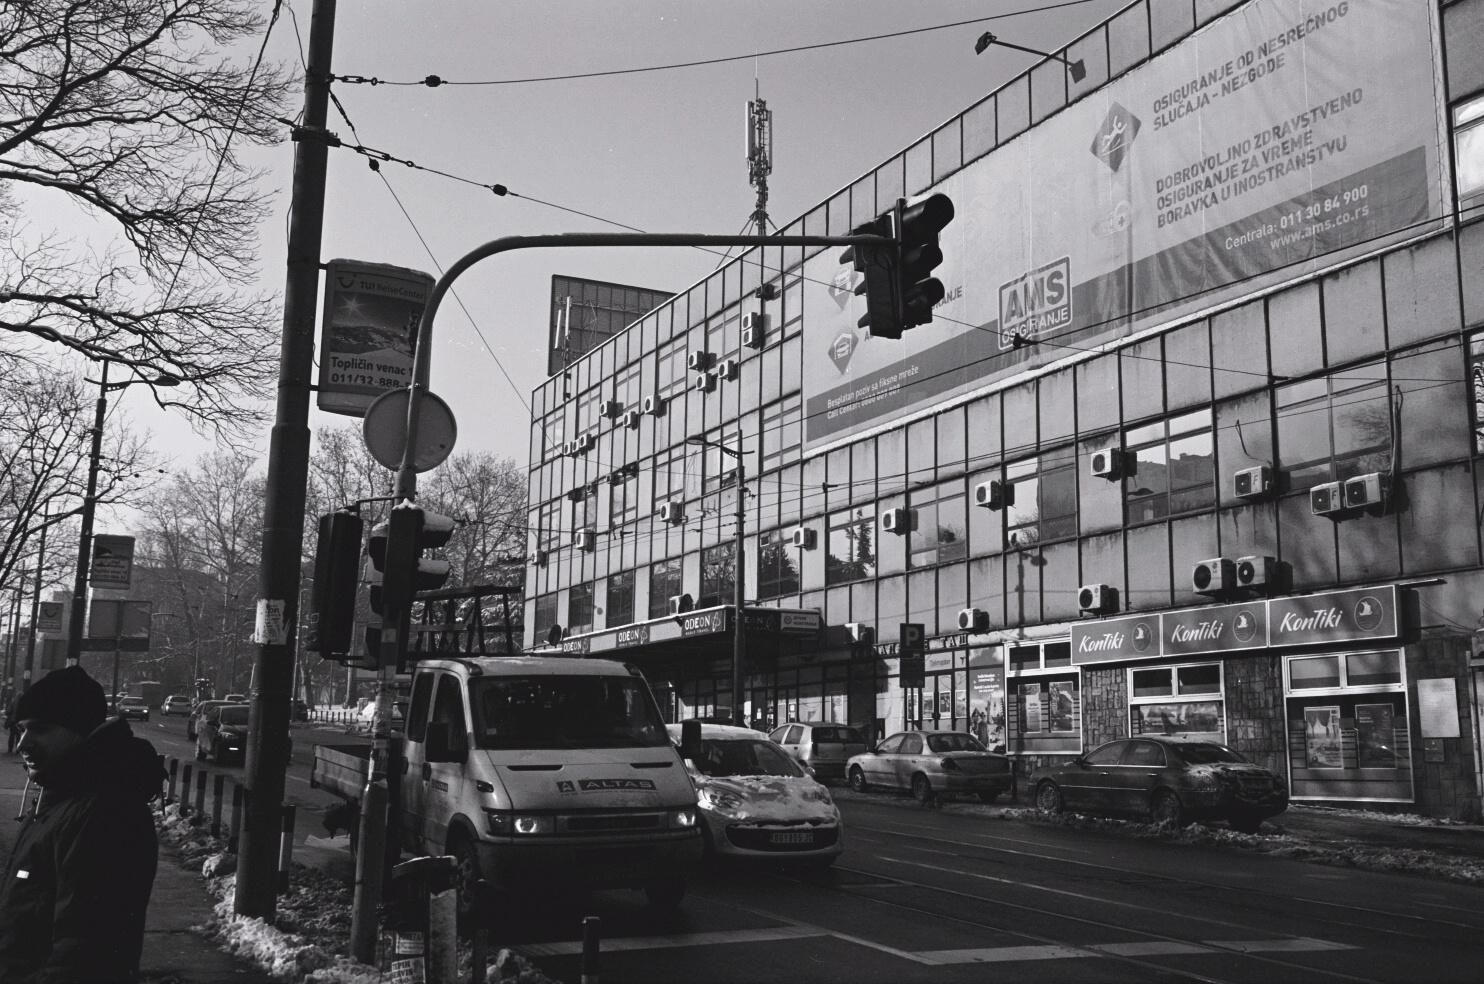 Belgrade Accueil - Sinstaller